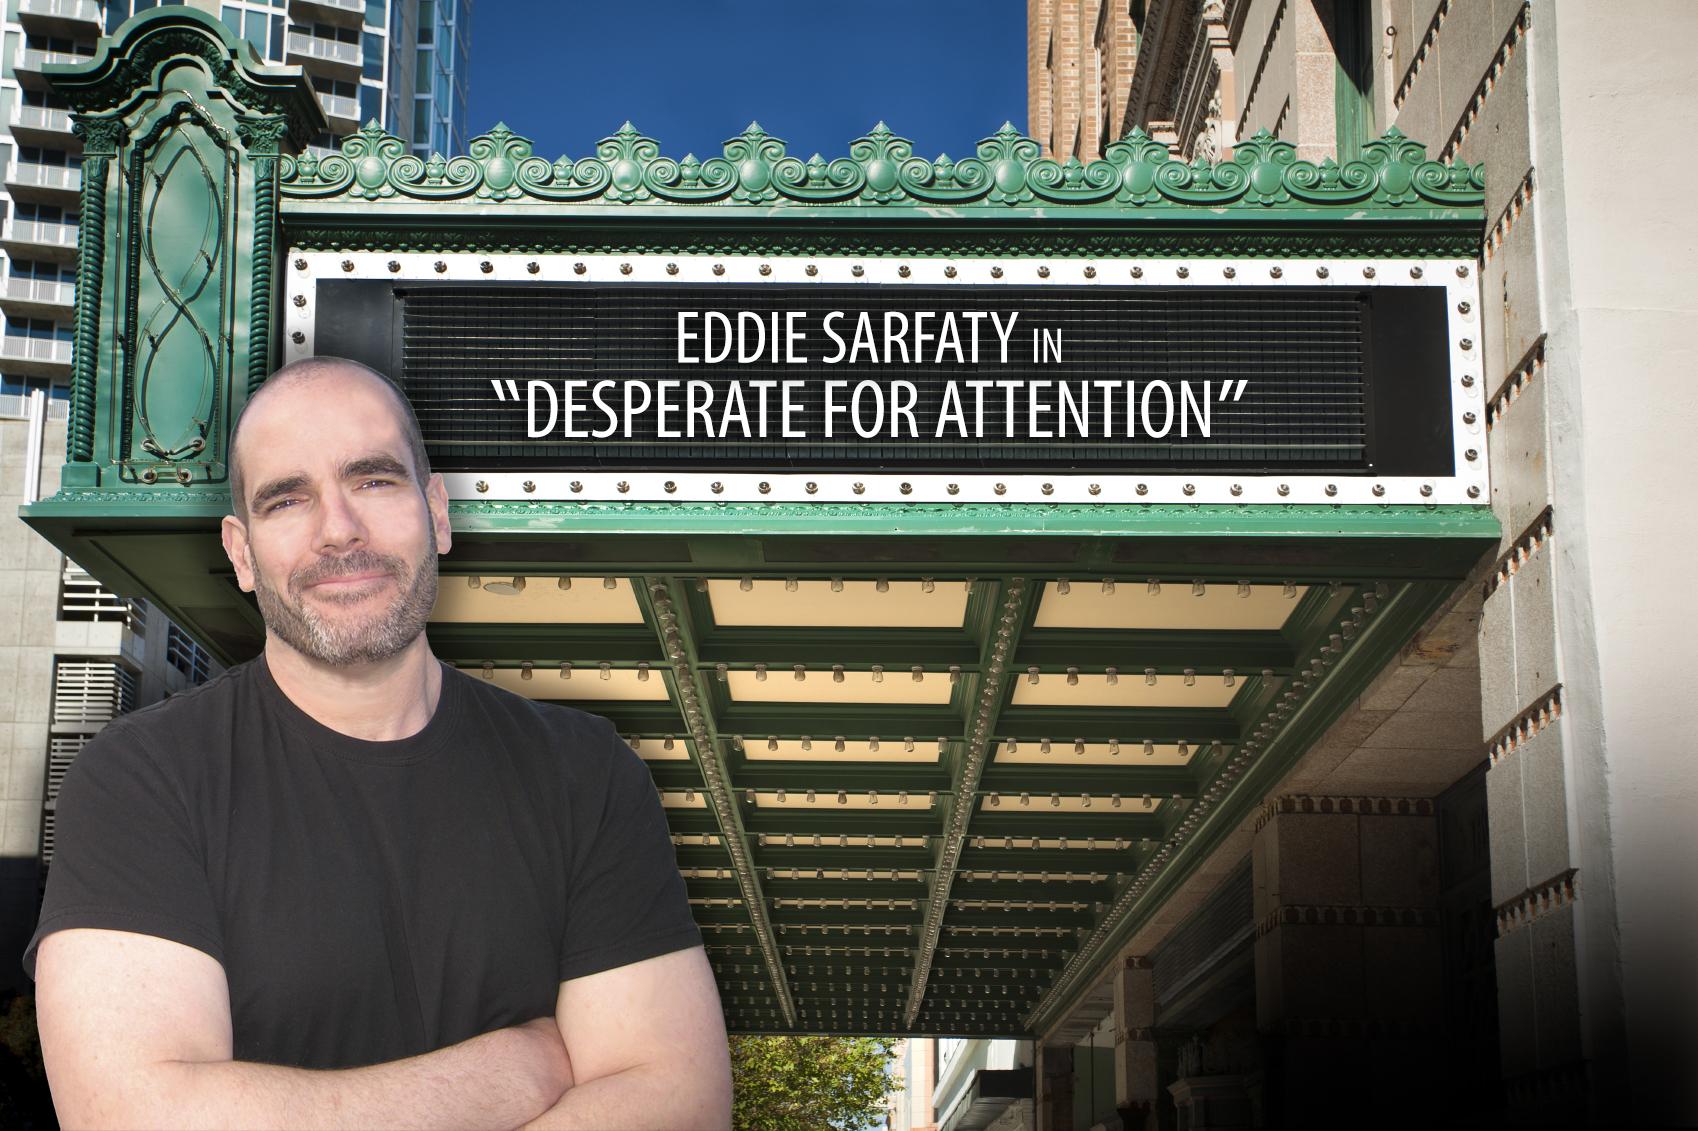 eddie opener 2.jpg